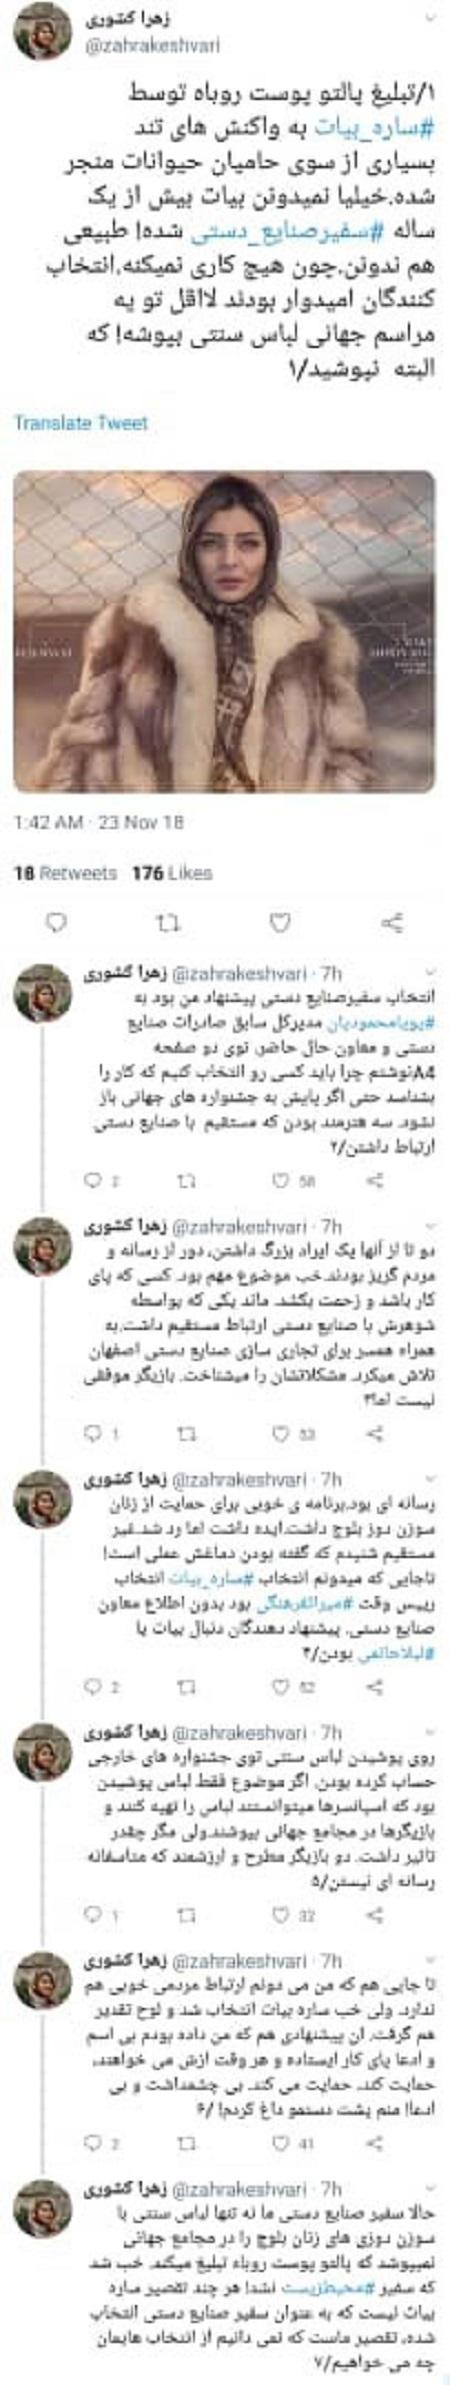 حمله کاربران فضای مجازی به ساره بیات